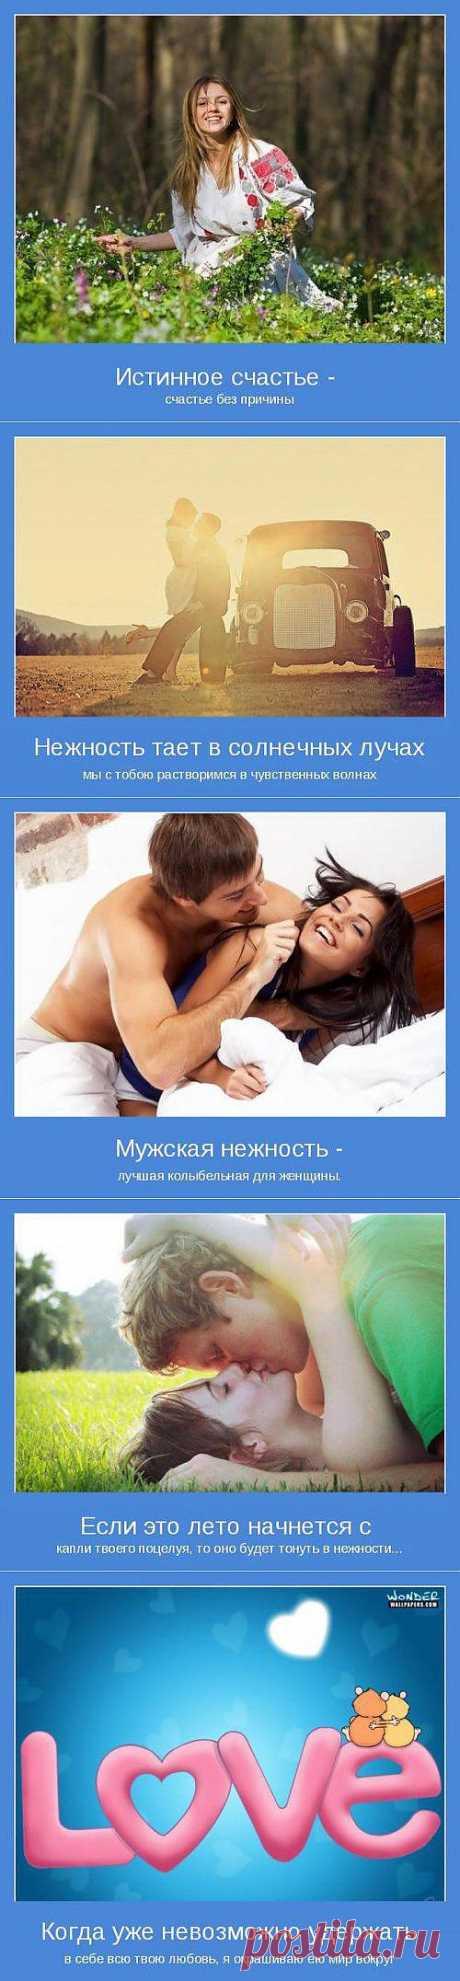 (+1) комм - Мотиваторы о любви и жизни | Улетные картинки